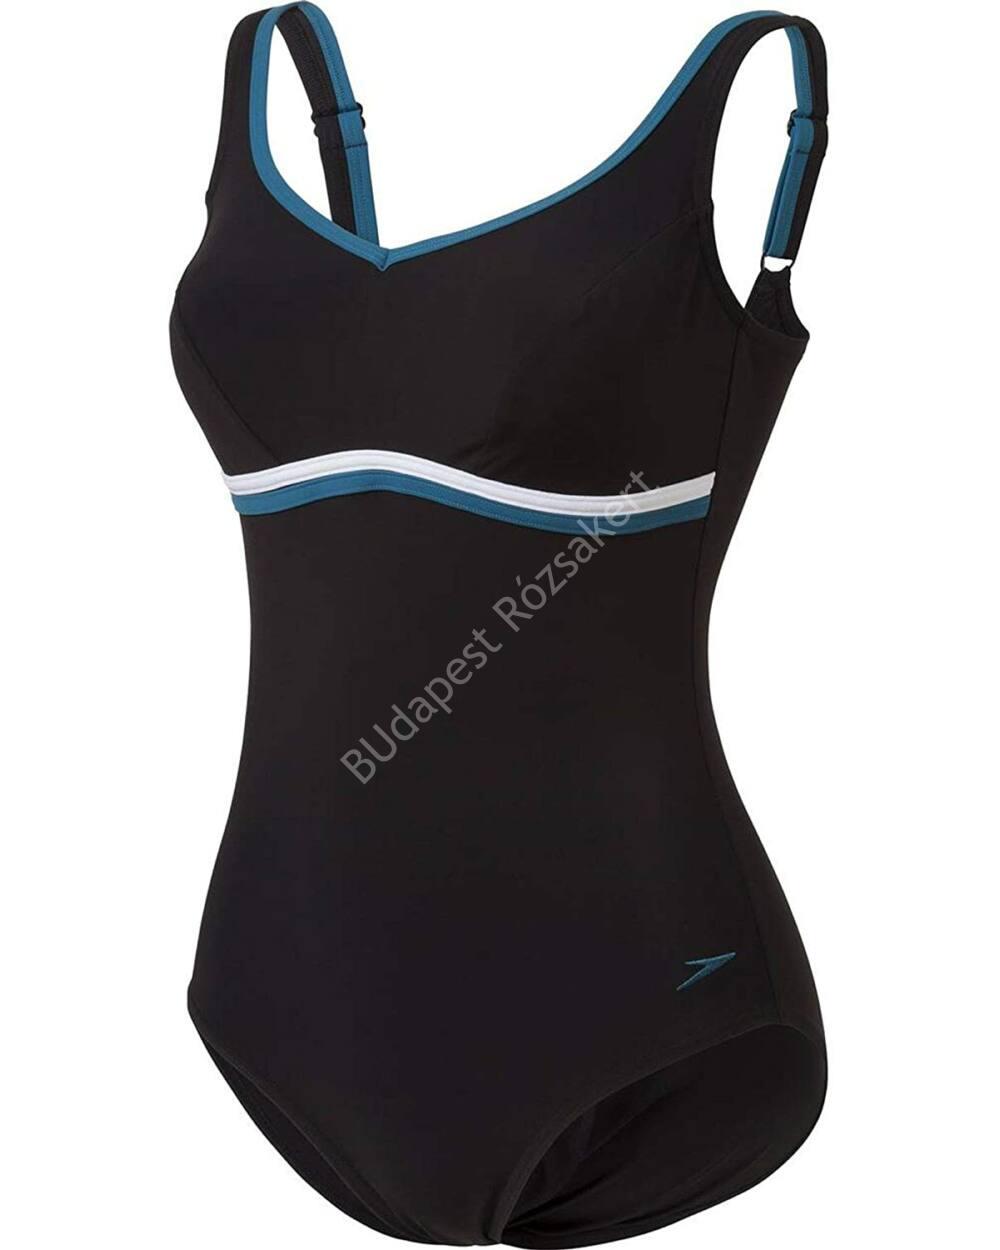 Speedo Contourluxe női úszódressz, 36